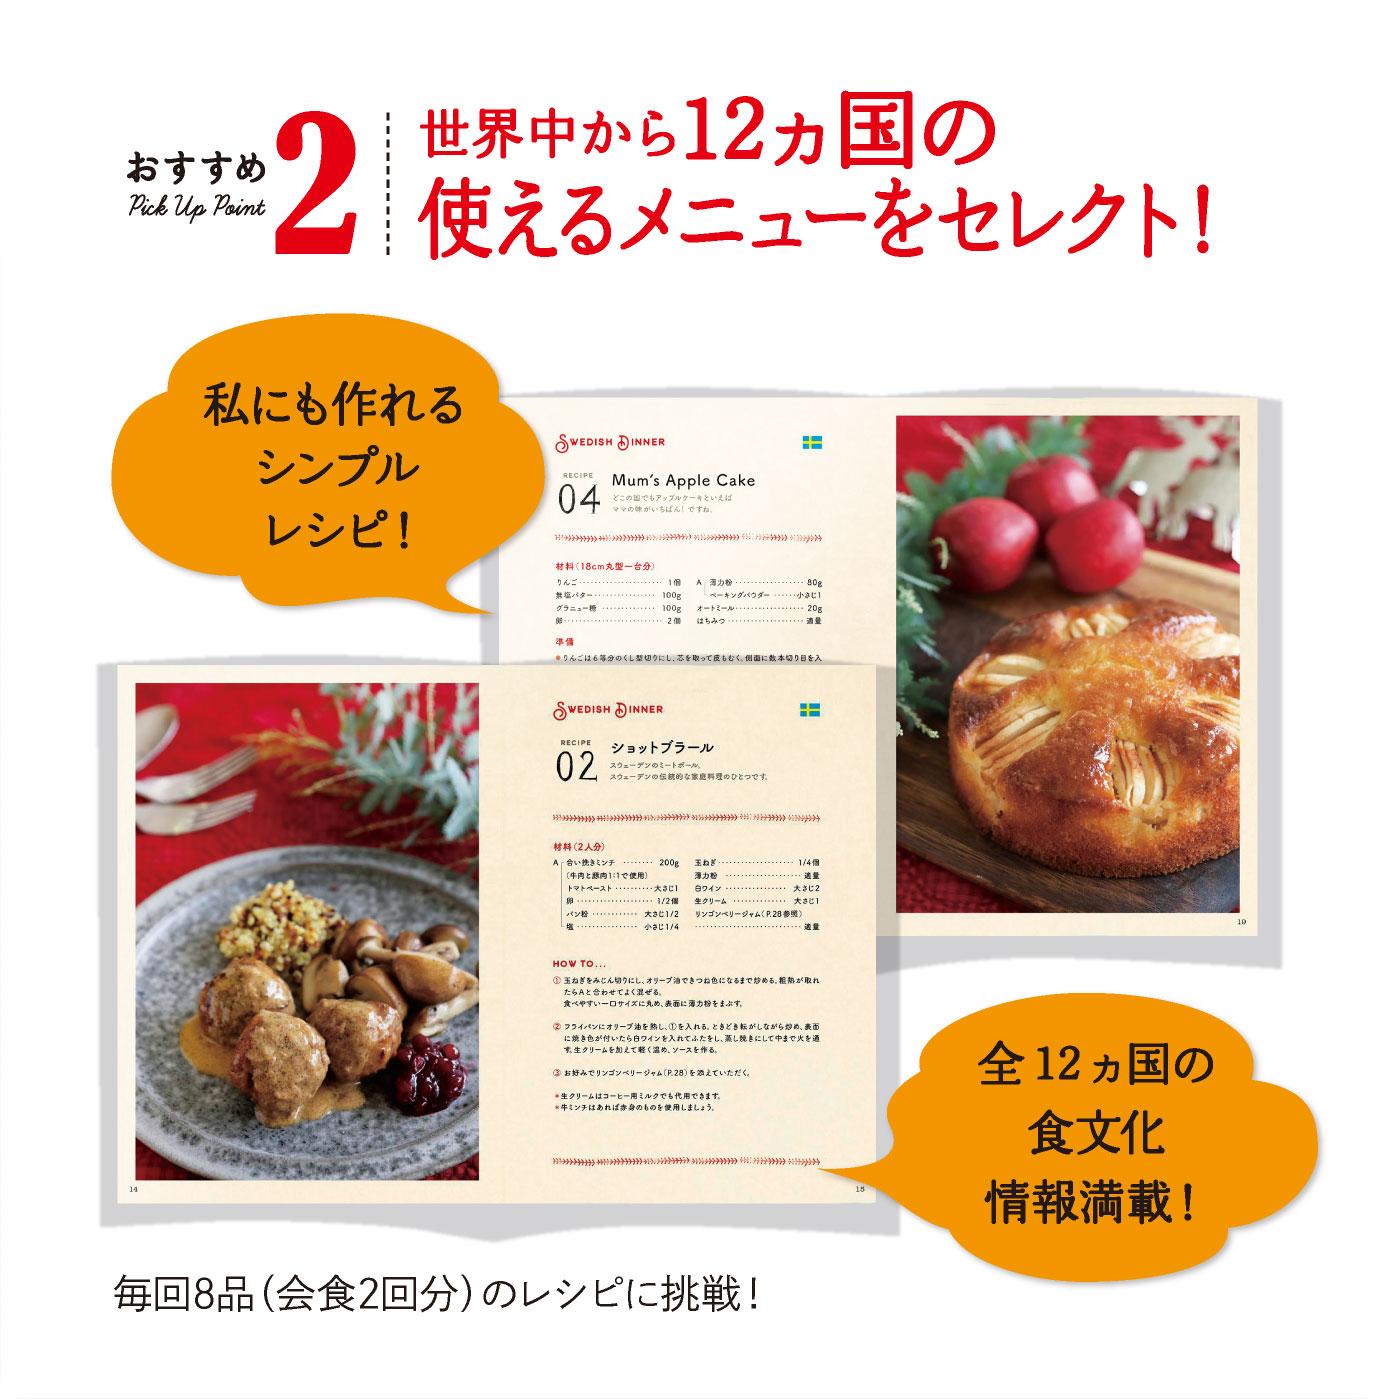 ランチやブランチ、ディナーなどいつでも使えるレシピを、毎月8品分お届け。